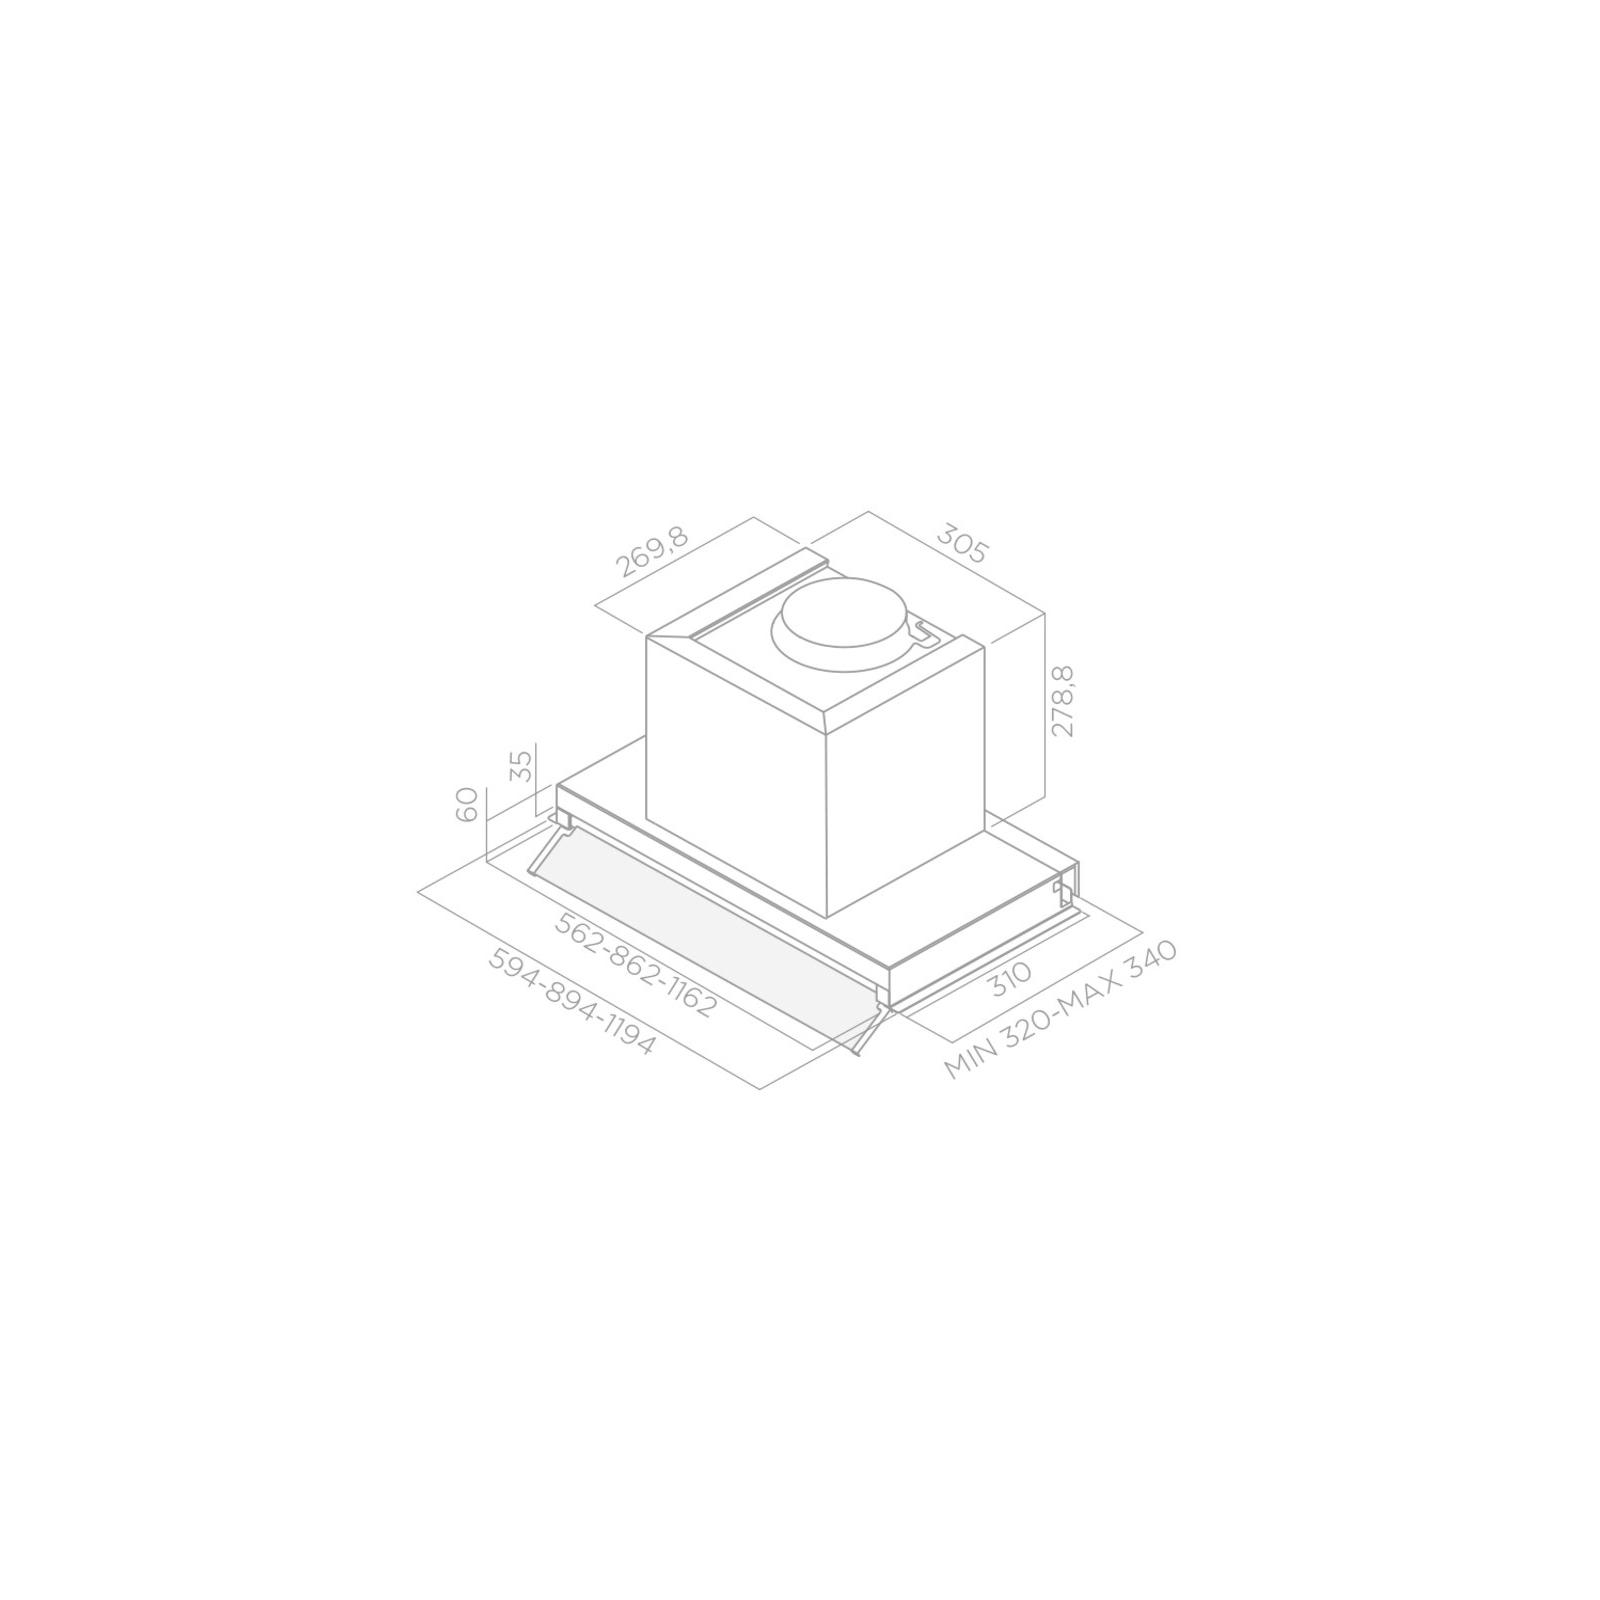 Вытяжка кухонная ELICA BOX IN IX/A/90 изображение 2